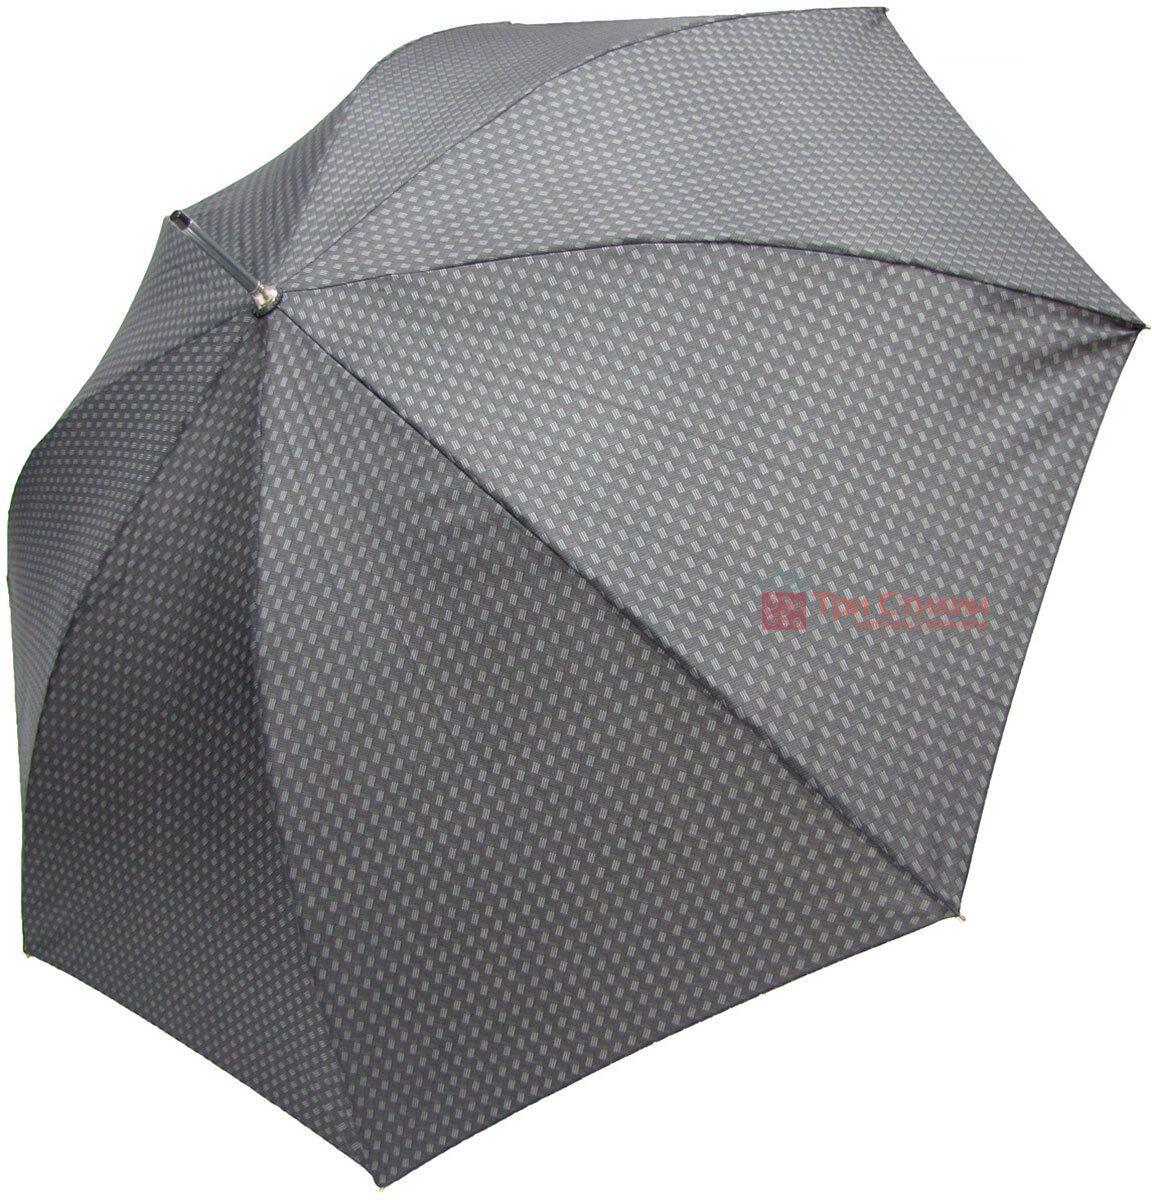 Зонт-трость Doppler 740167-5 полуавтомат Паркет, фото 2